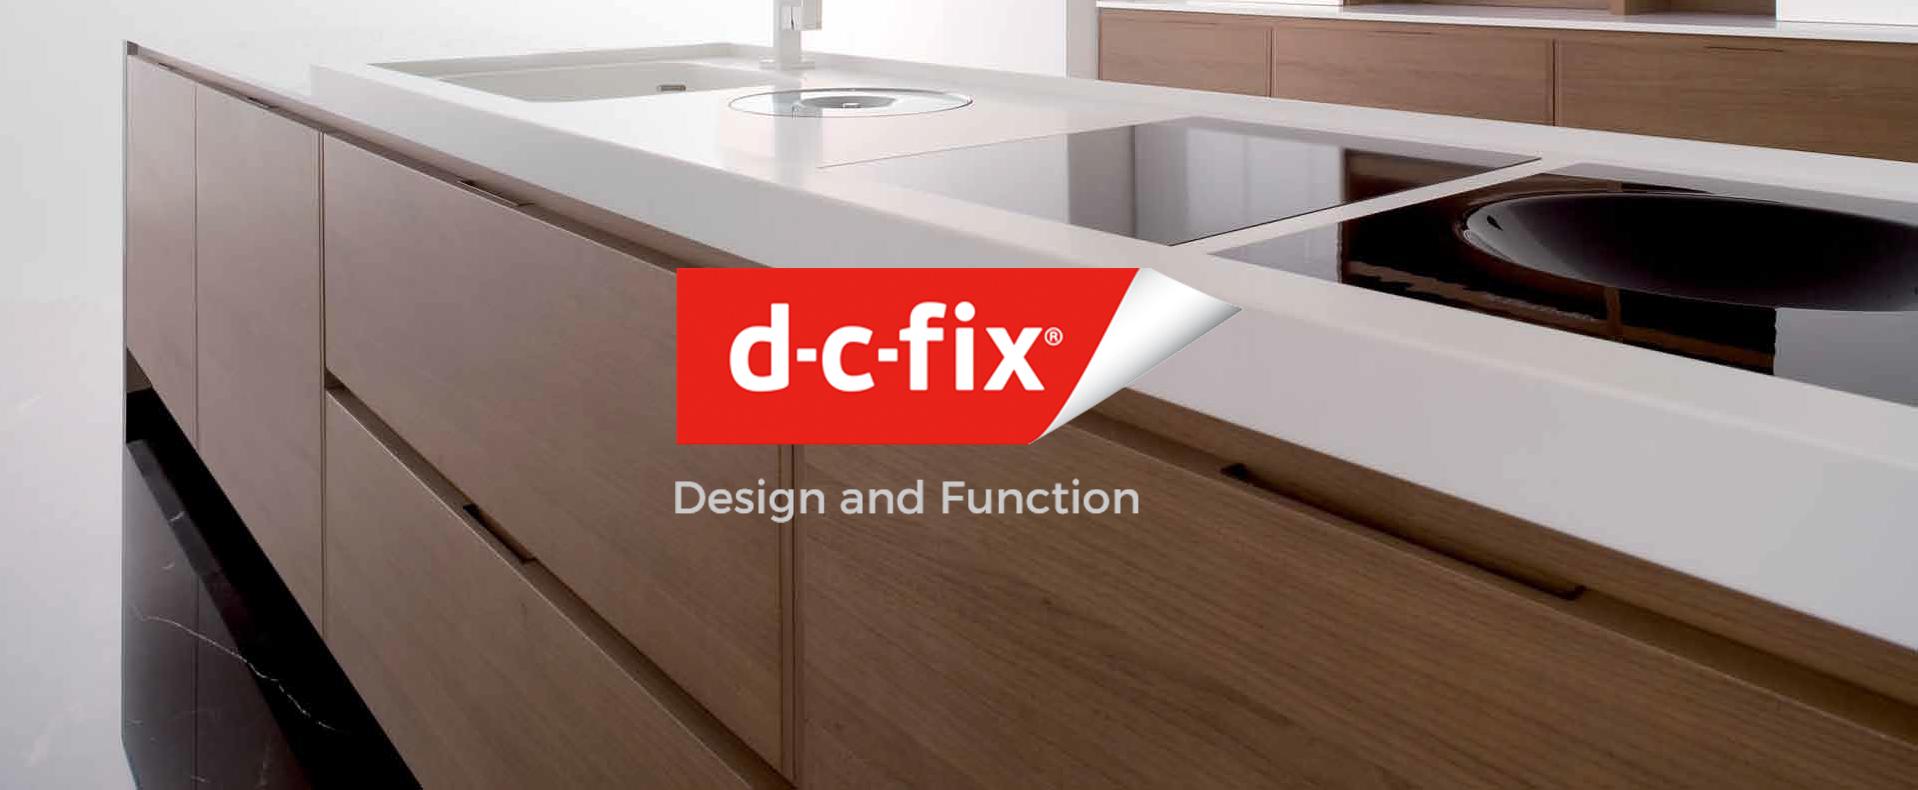 d-c-fix Branding - Housewares Website